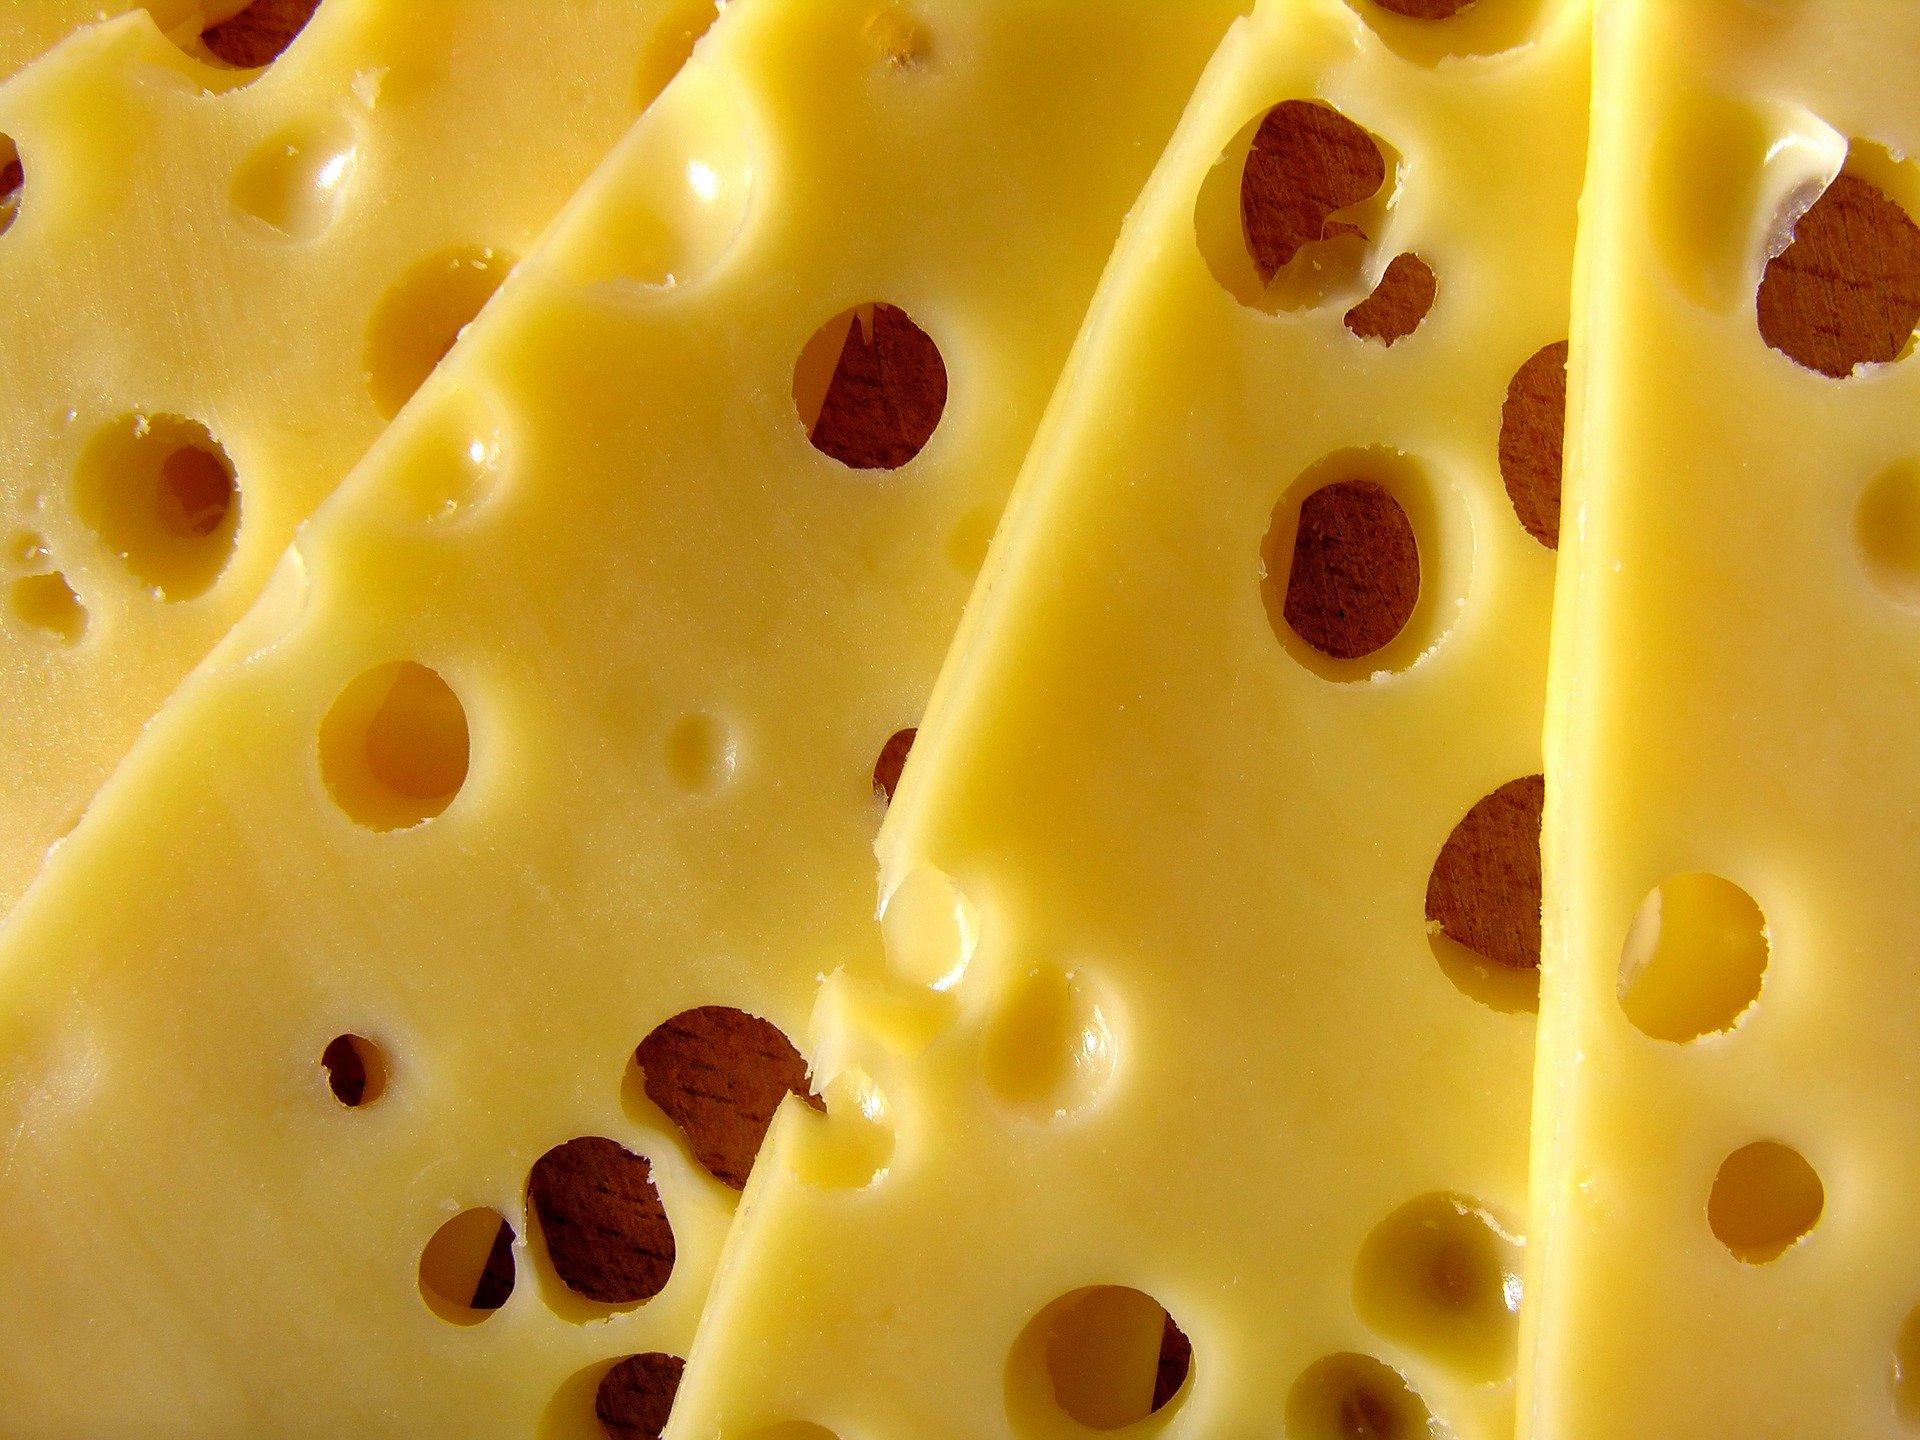 犬はチーズを食べれる?与え方や注意点を紹介